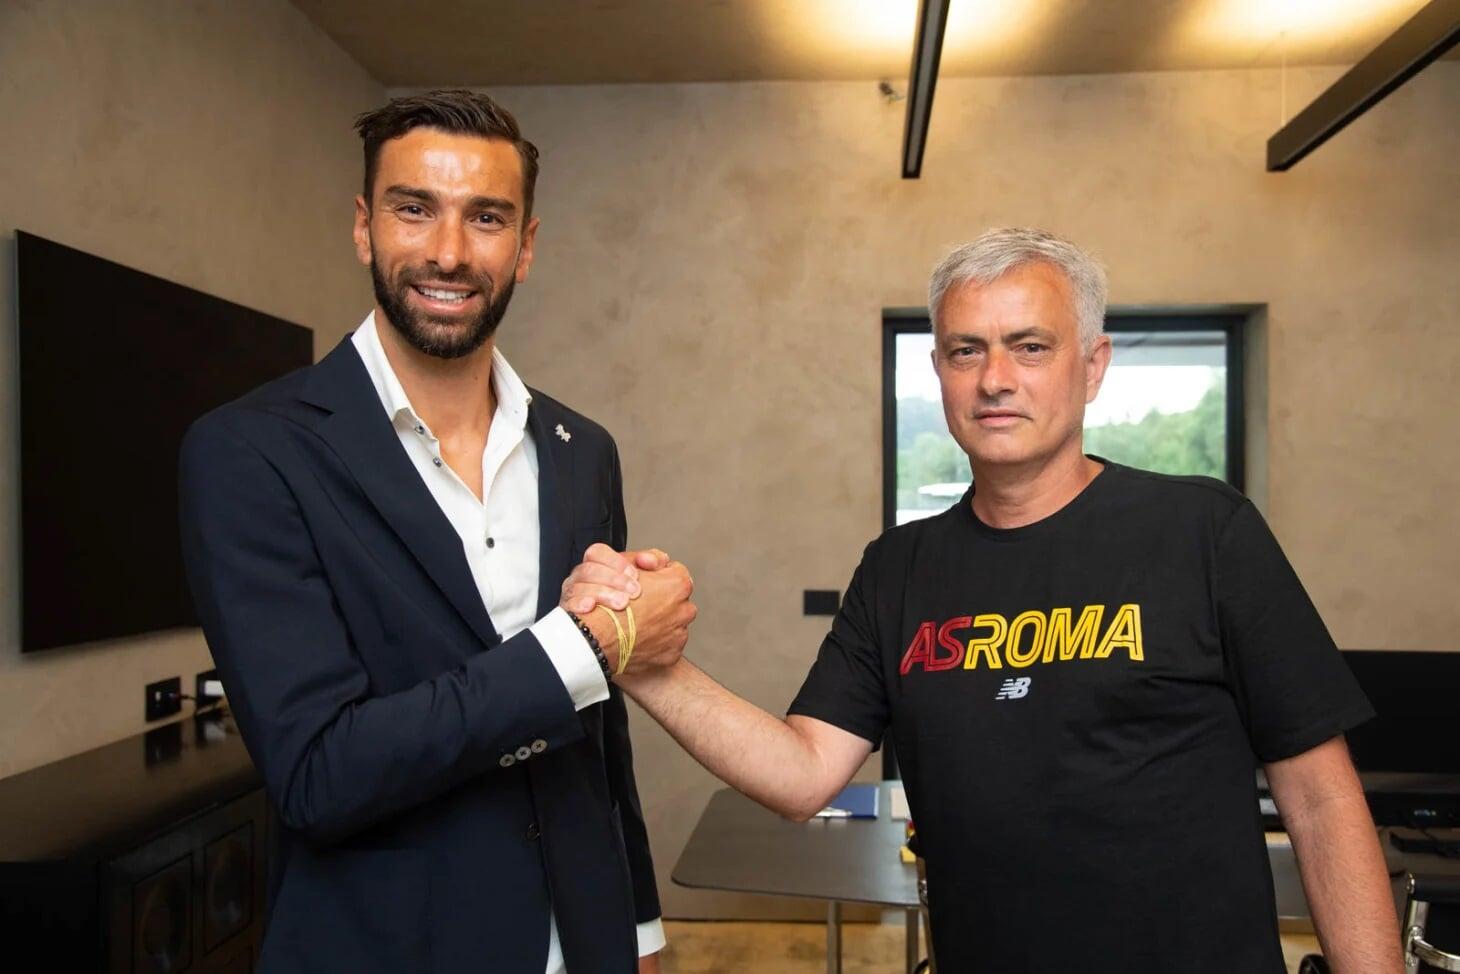 «Рома» купила вратаря сборной Португалии Патрисиу за 11,5 млн евро у «Вулверхэмптона»